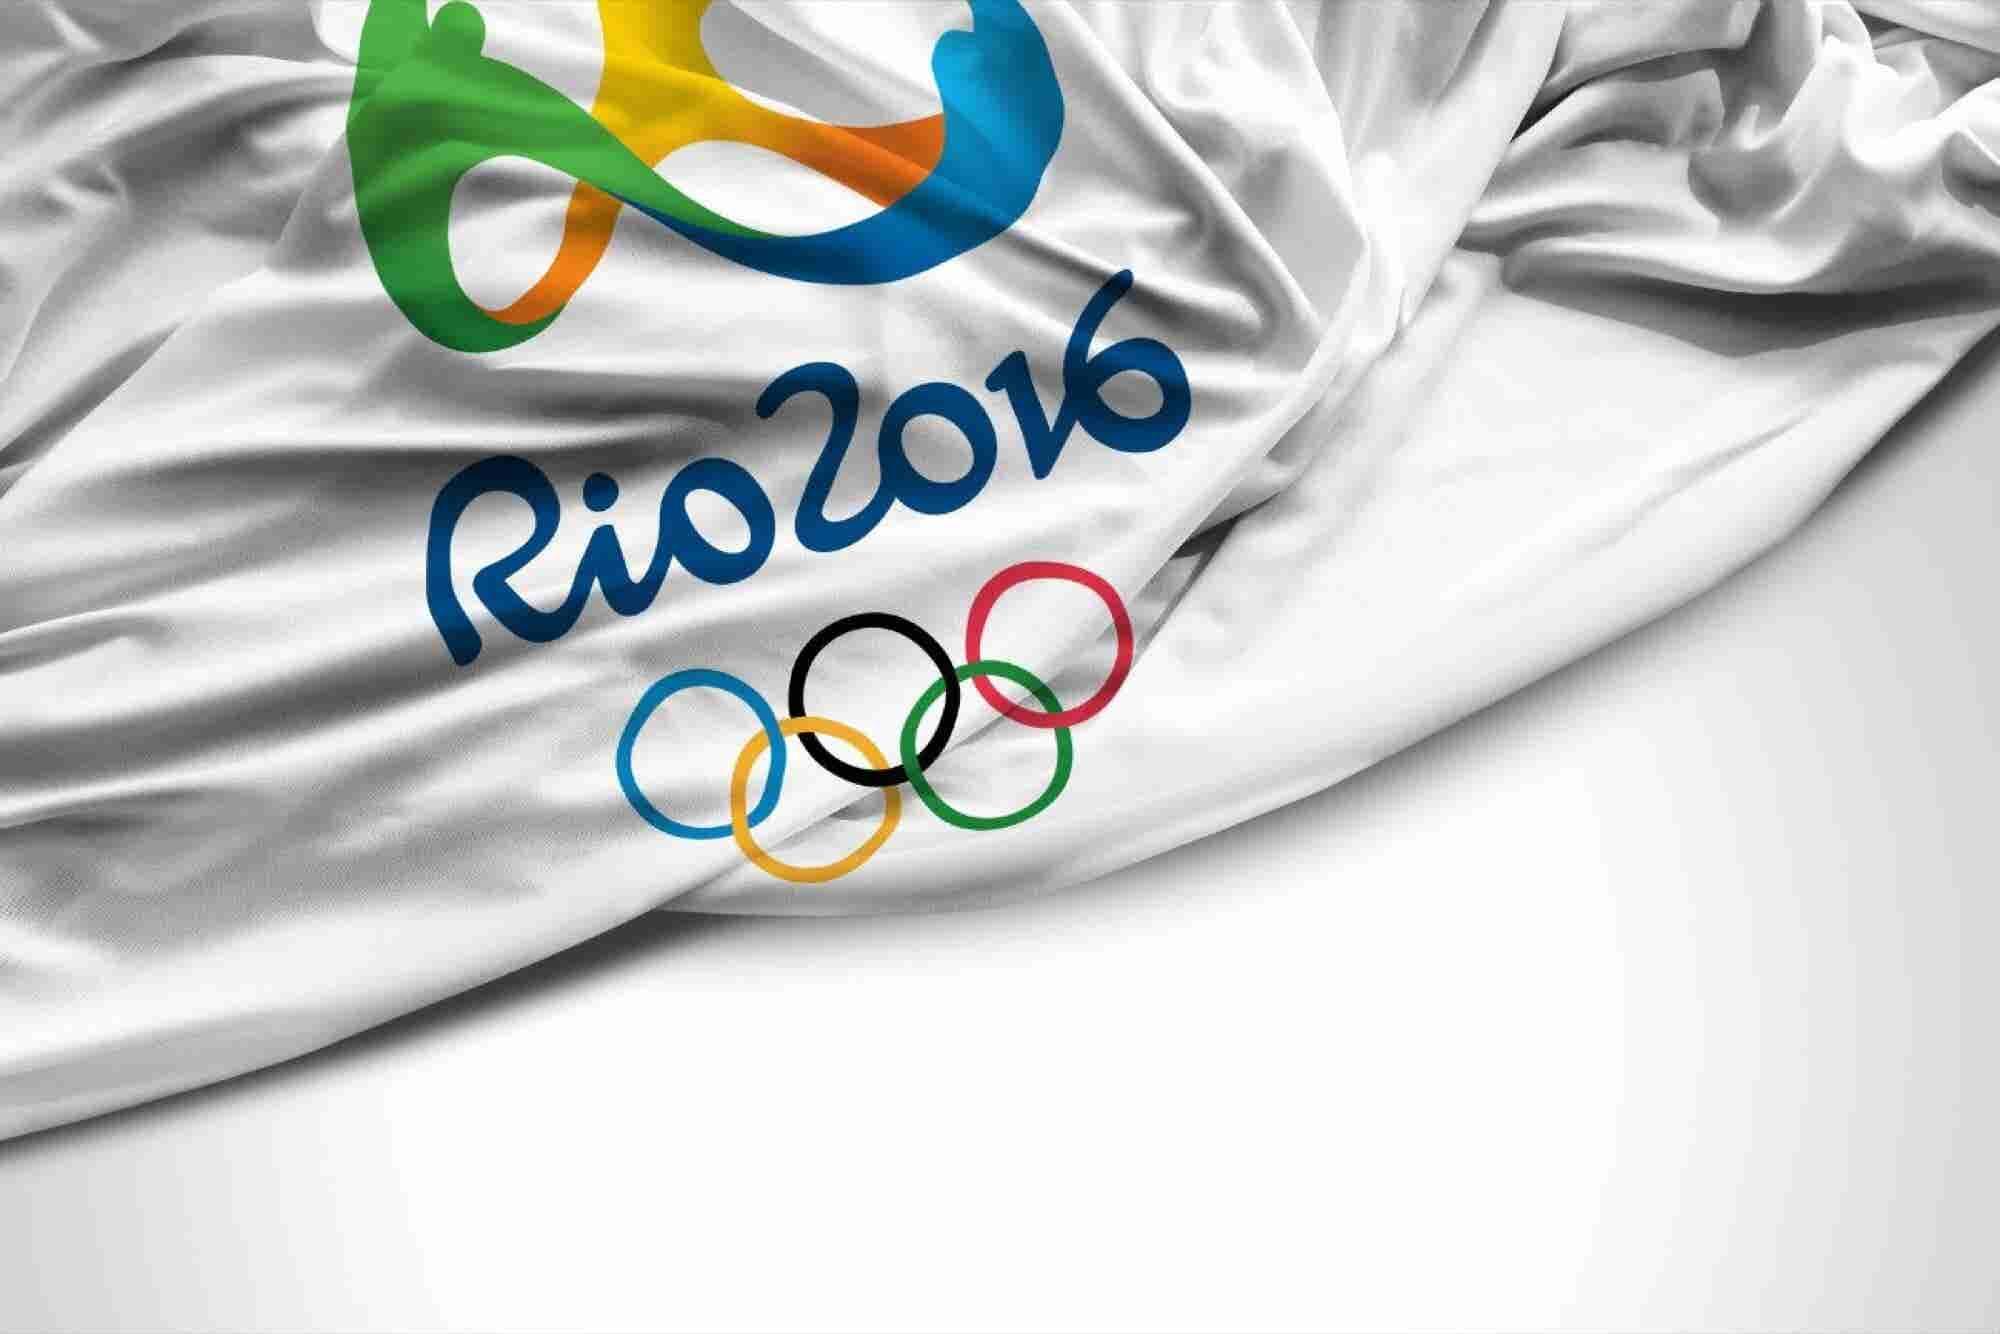 Las 6 promesas deportivas que dejó México en su paso por Río 2016